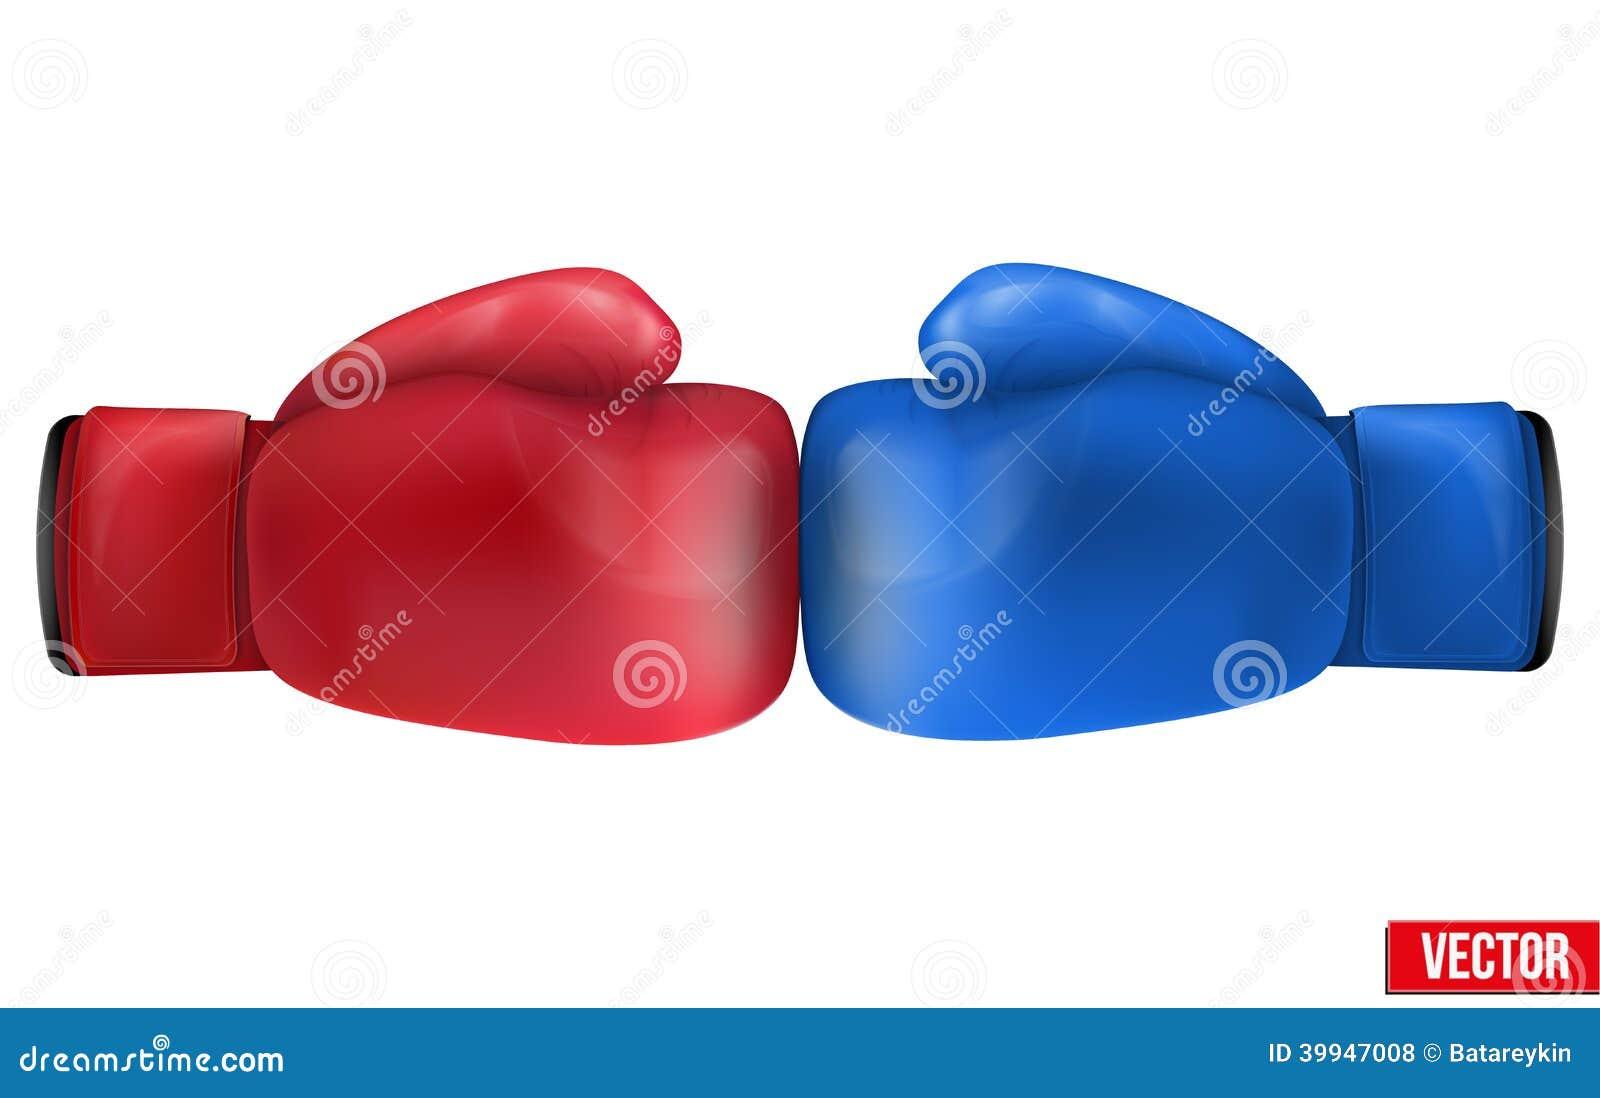 Två boxninghandskar i sammanstötning. Isolerat på vit bakgrund.